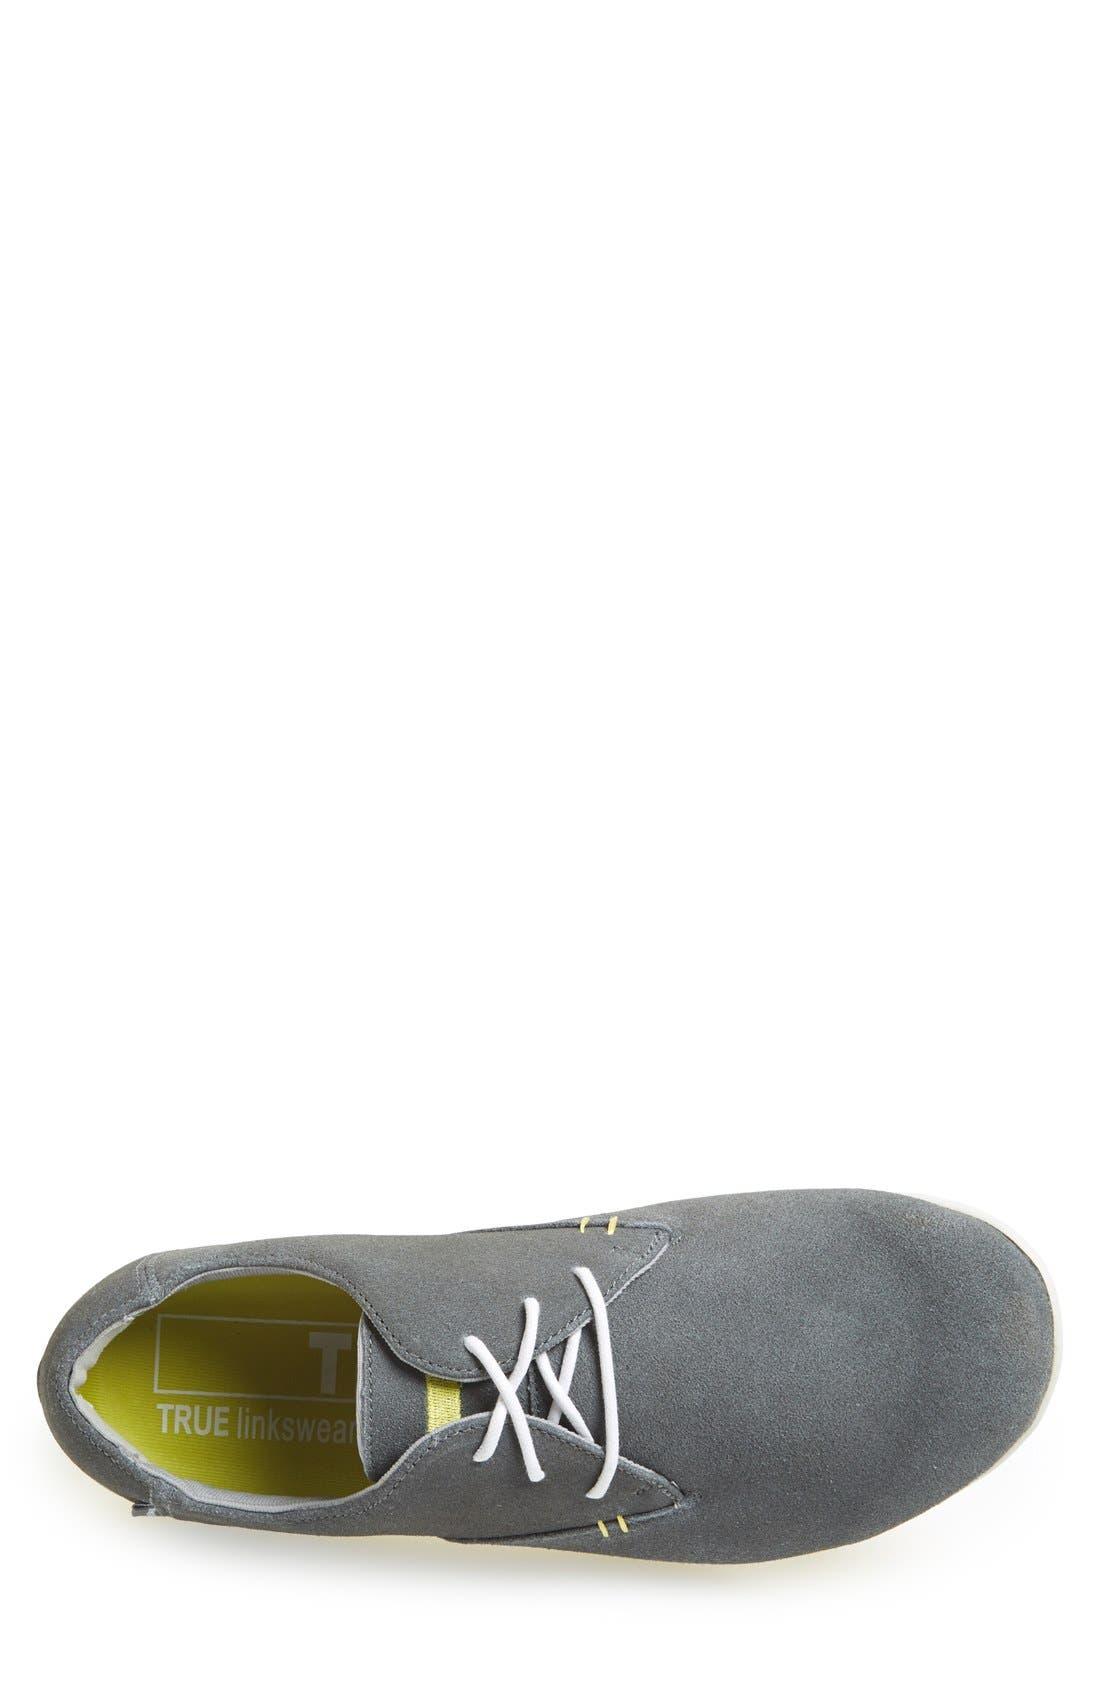 TRUE LINKSWEAR,                             'True Oxford' Golf Shoe,                             Alternate thumbnail 3, color,                             020